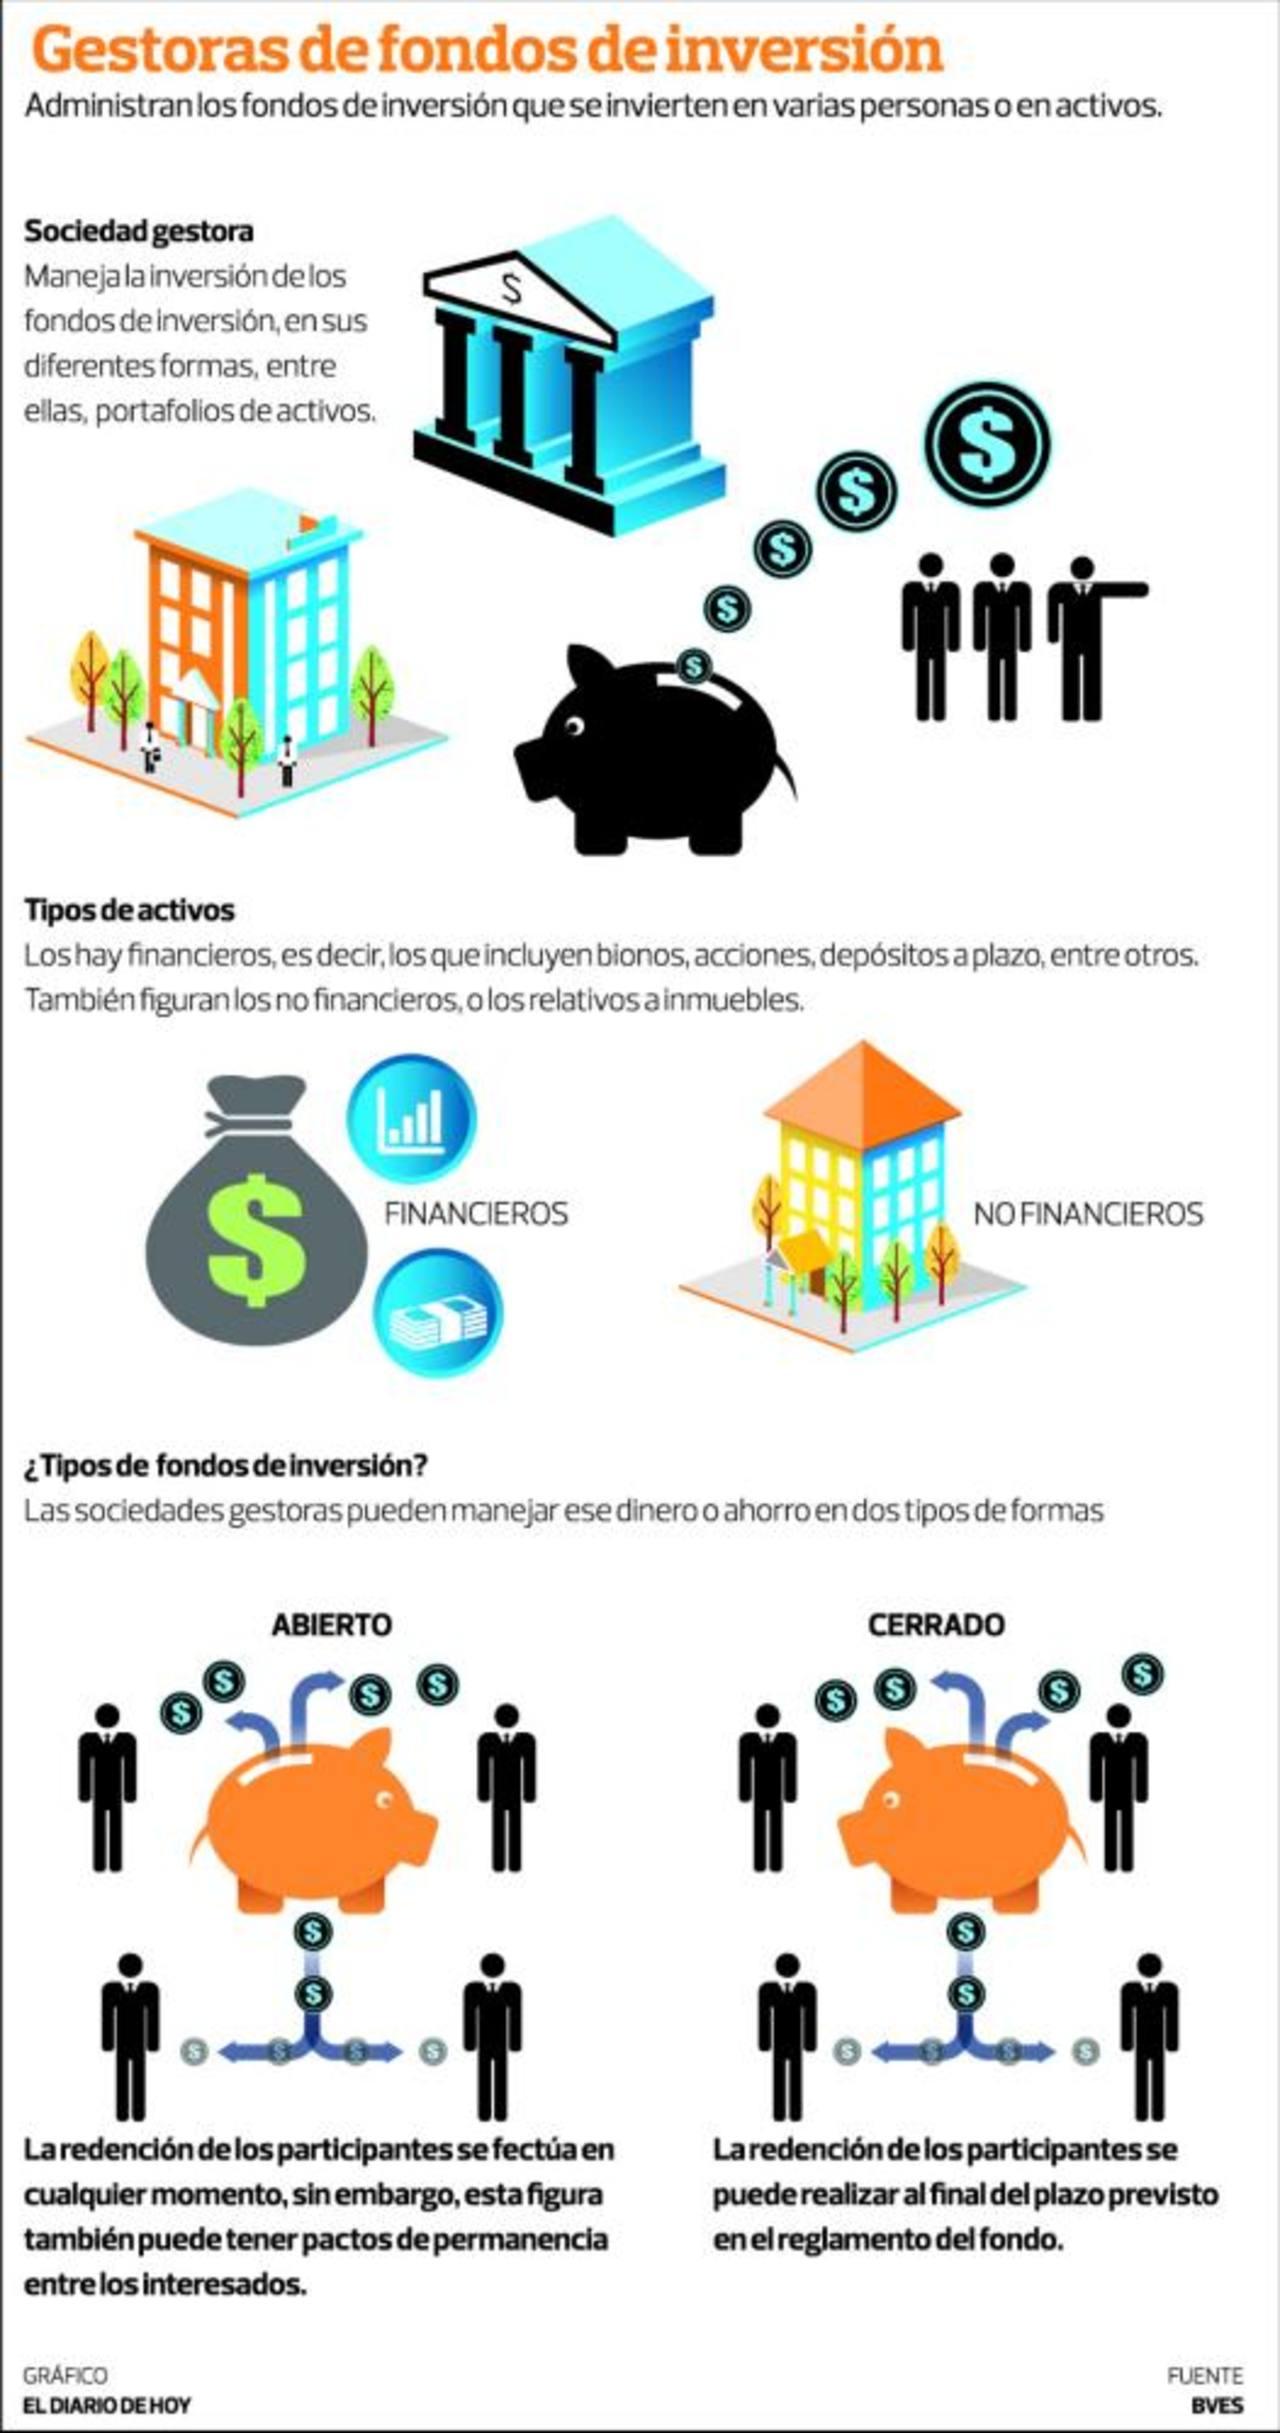 El año 2015 será el de la industria de los fondos de inversión